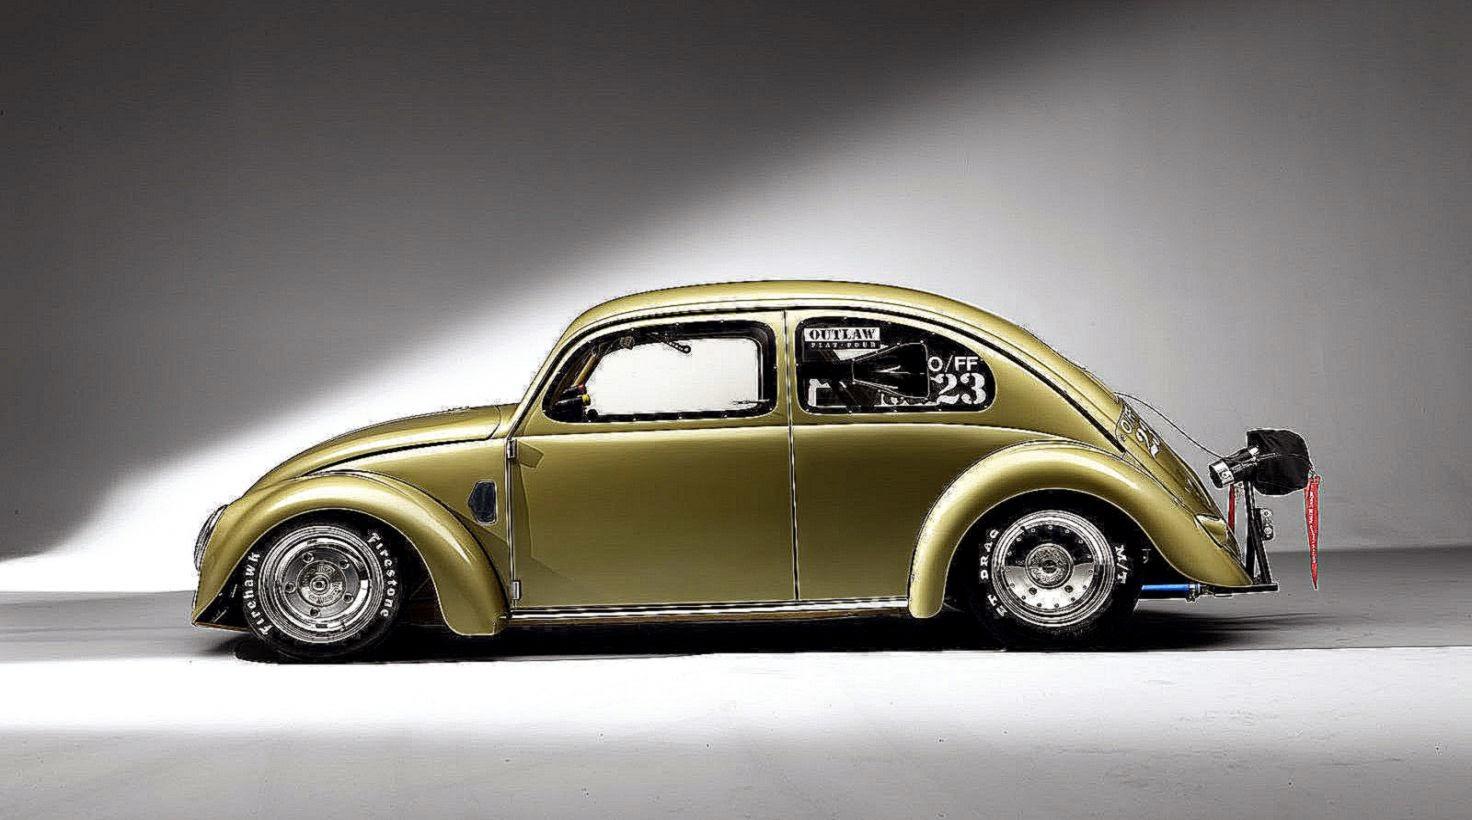 Classic beetle wallpaper wallpapersafari - Best classic wallpaper ...